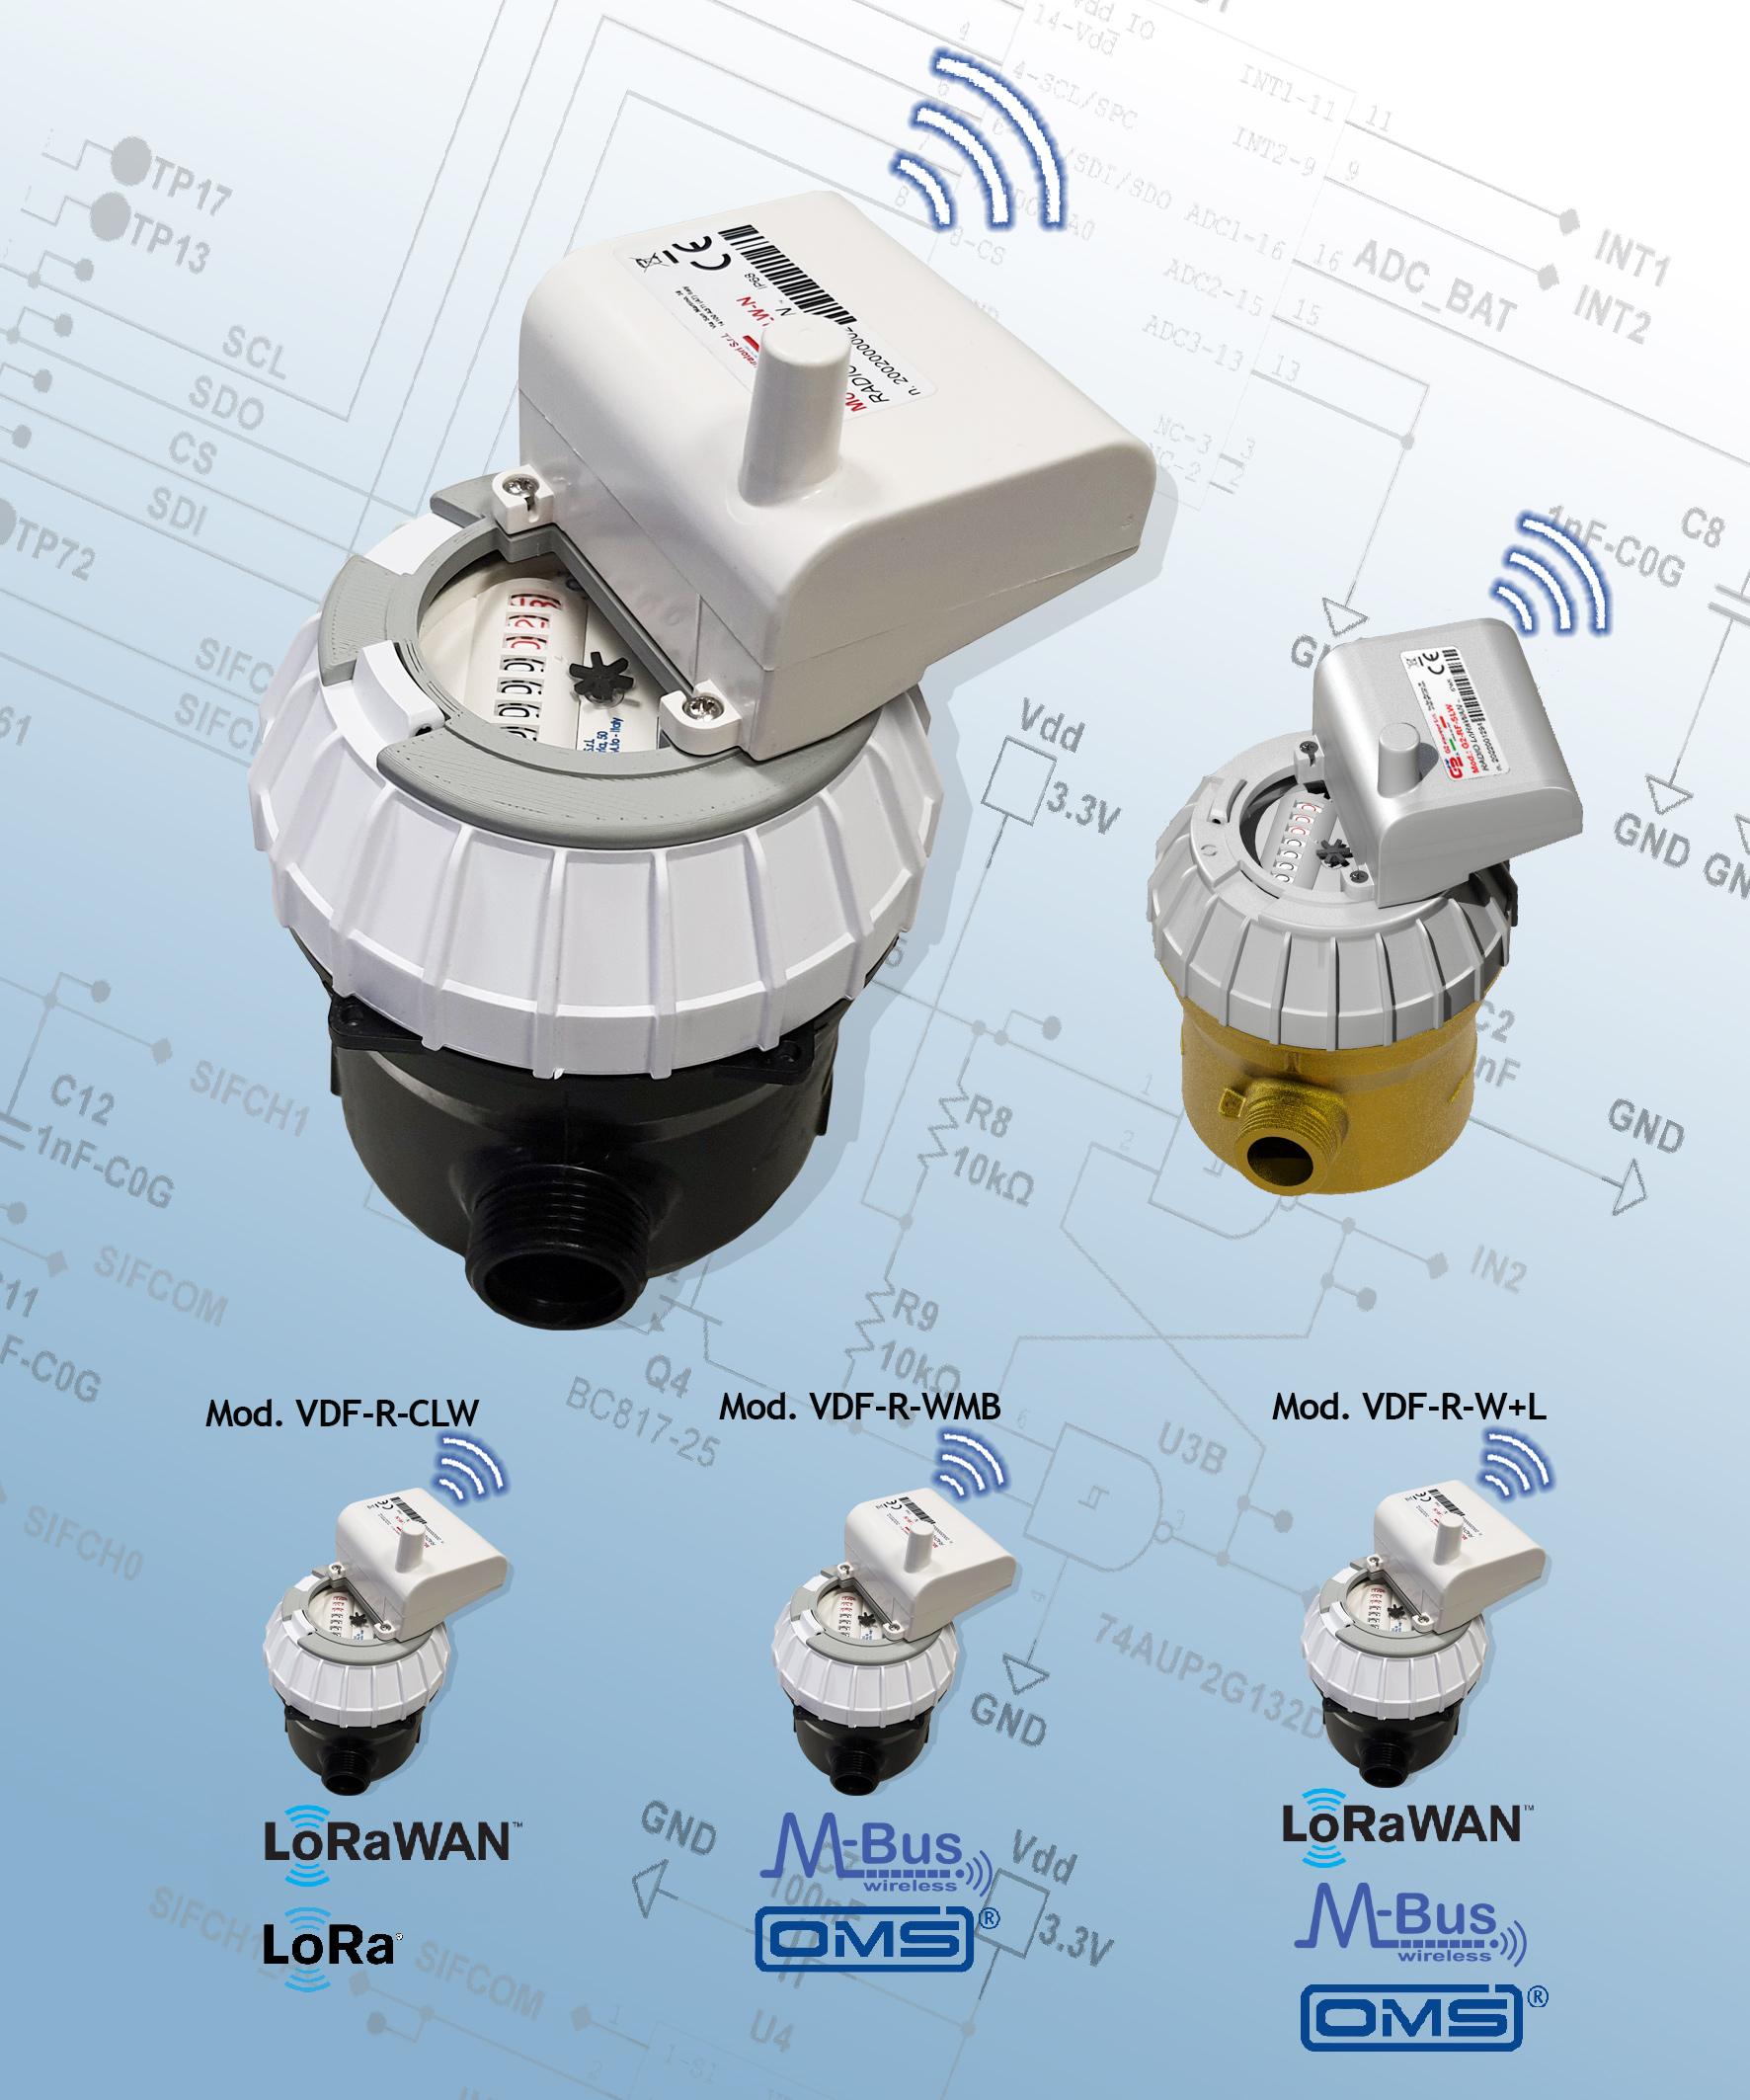 Contatori acqua: smart meter modello VSF-R-CLW con protocollo LoRaWAN per rete fissa e LoRa per Walk-by/Drive-By e modello VDF-R-WMB freq. 868 Mhz con protocollo W-Mbus per Walk-by/Drive-By.